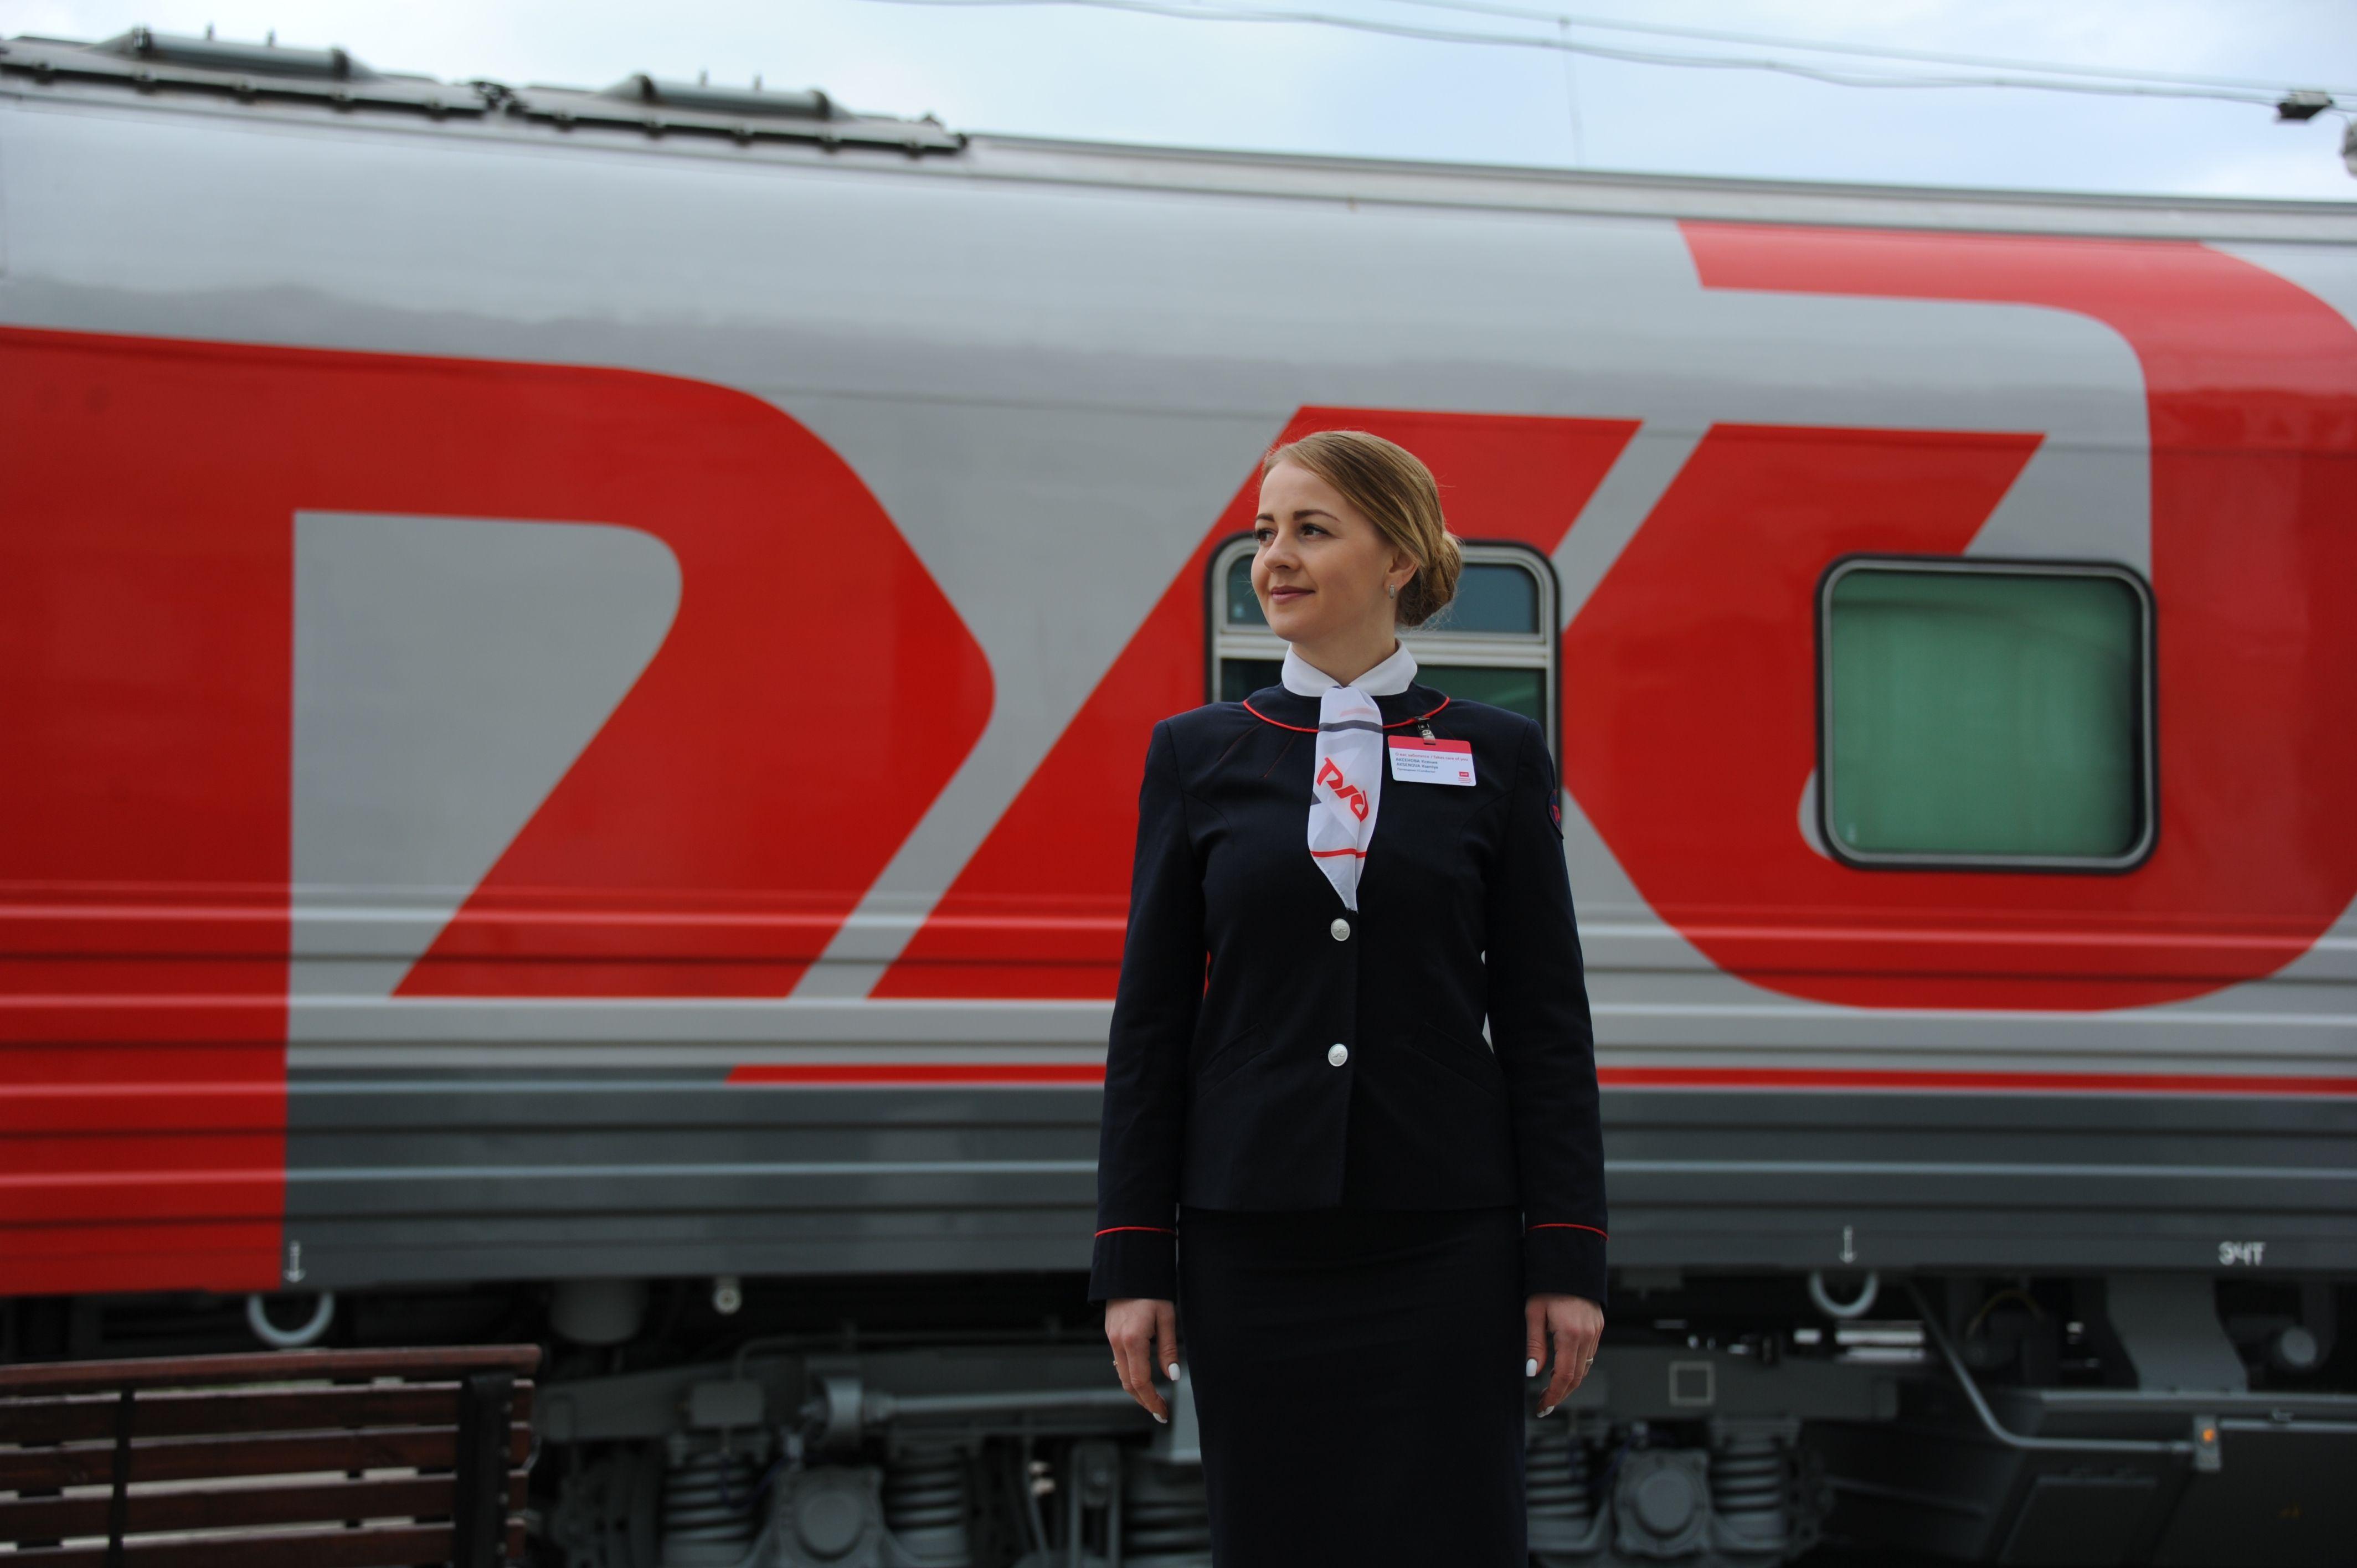 В Москве представят еще два макета новых плацкартных вагонов